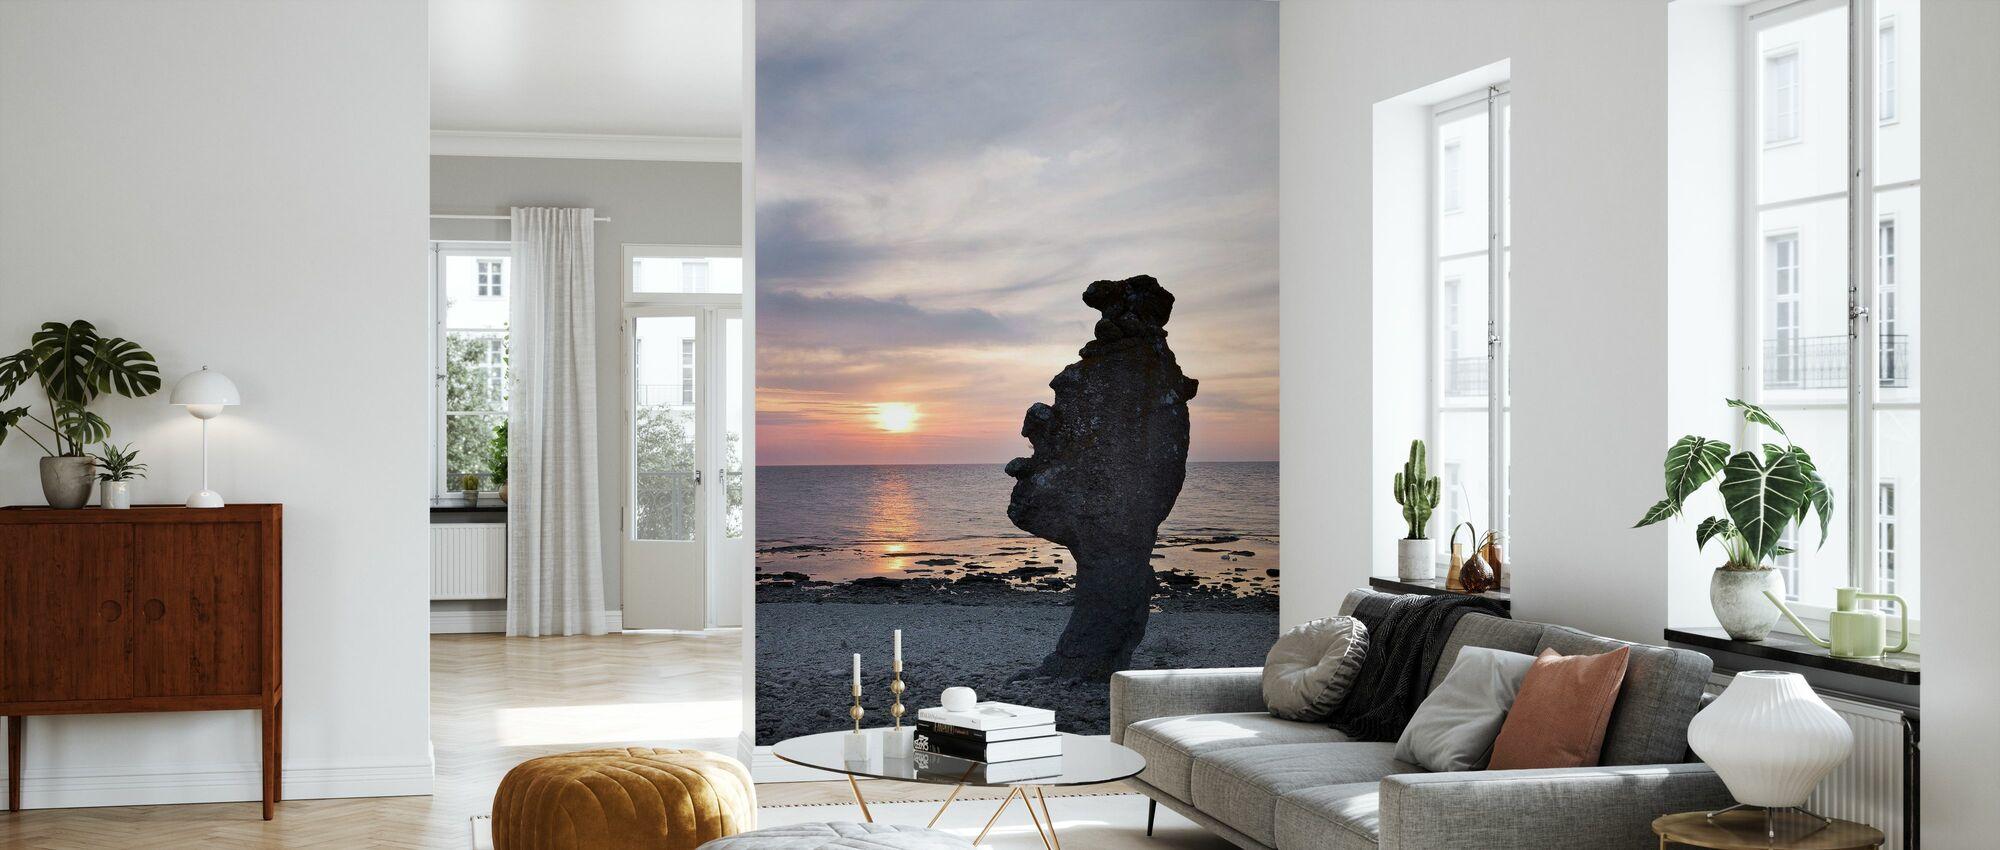 Gotland Rauk - Papel pintado - Salón